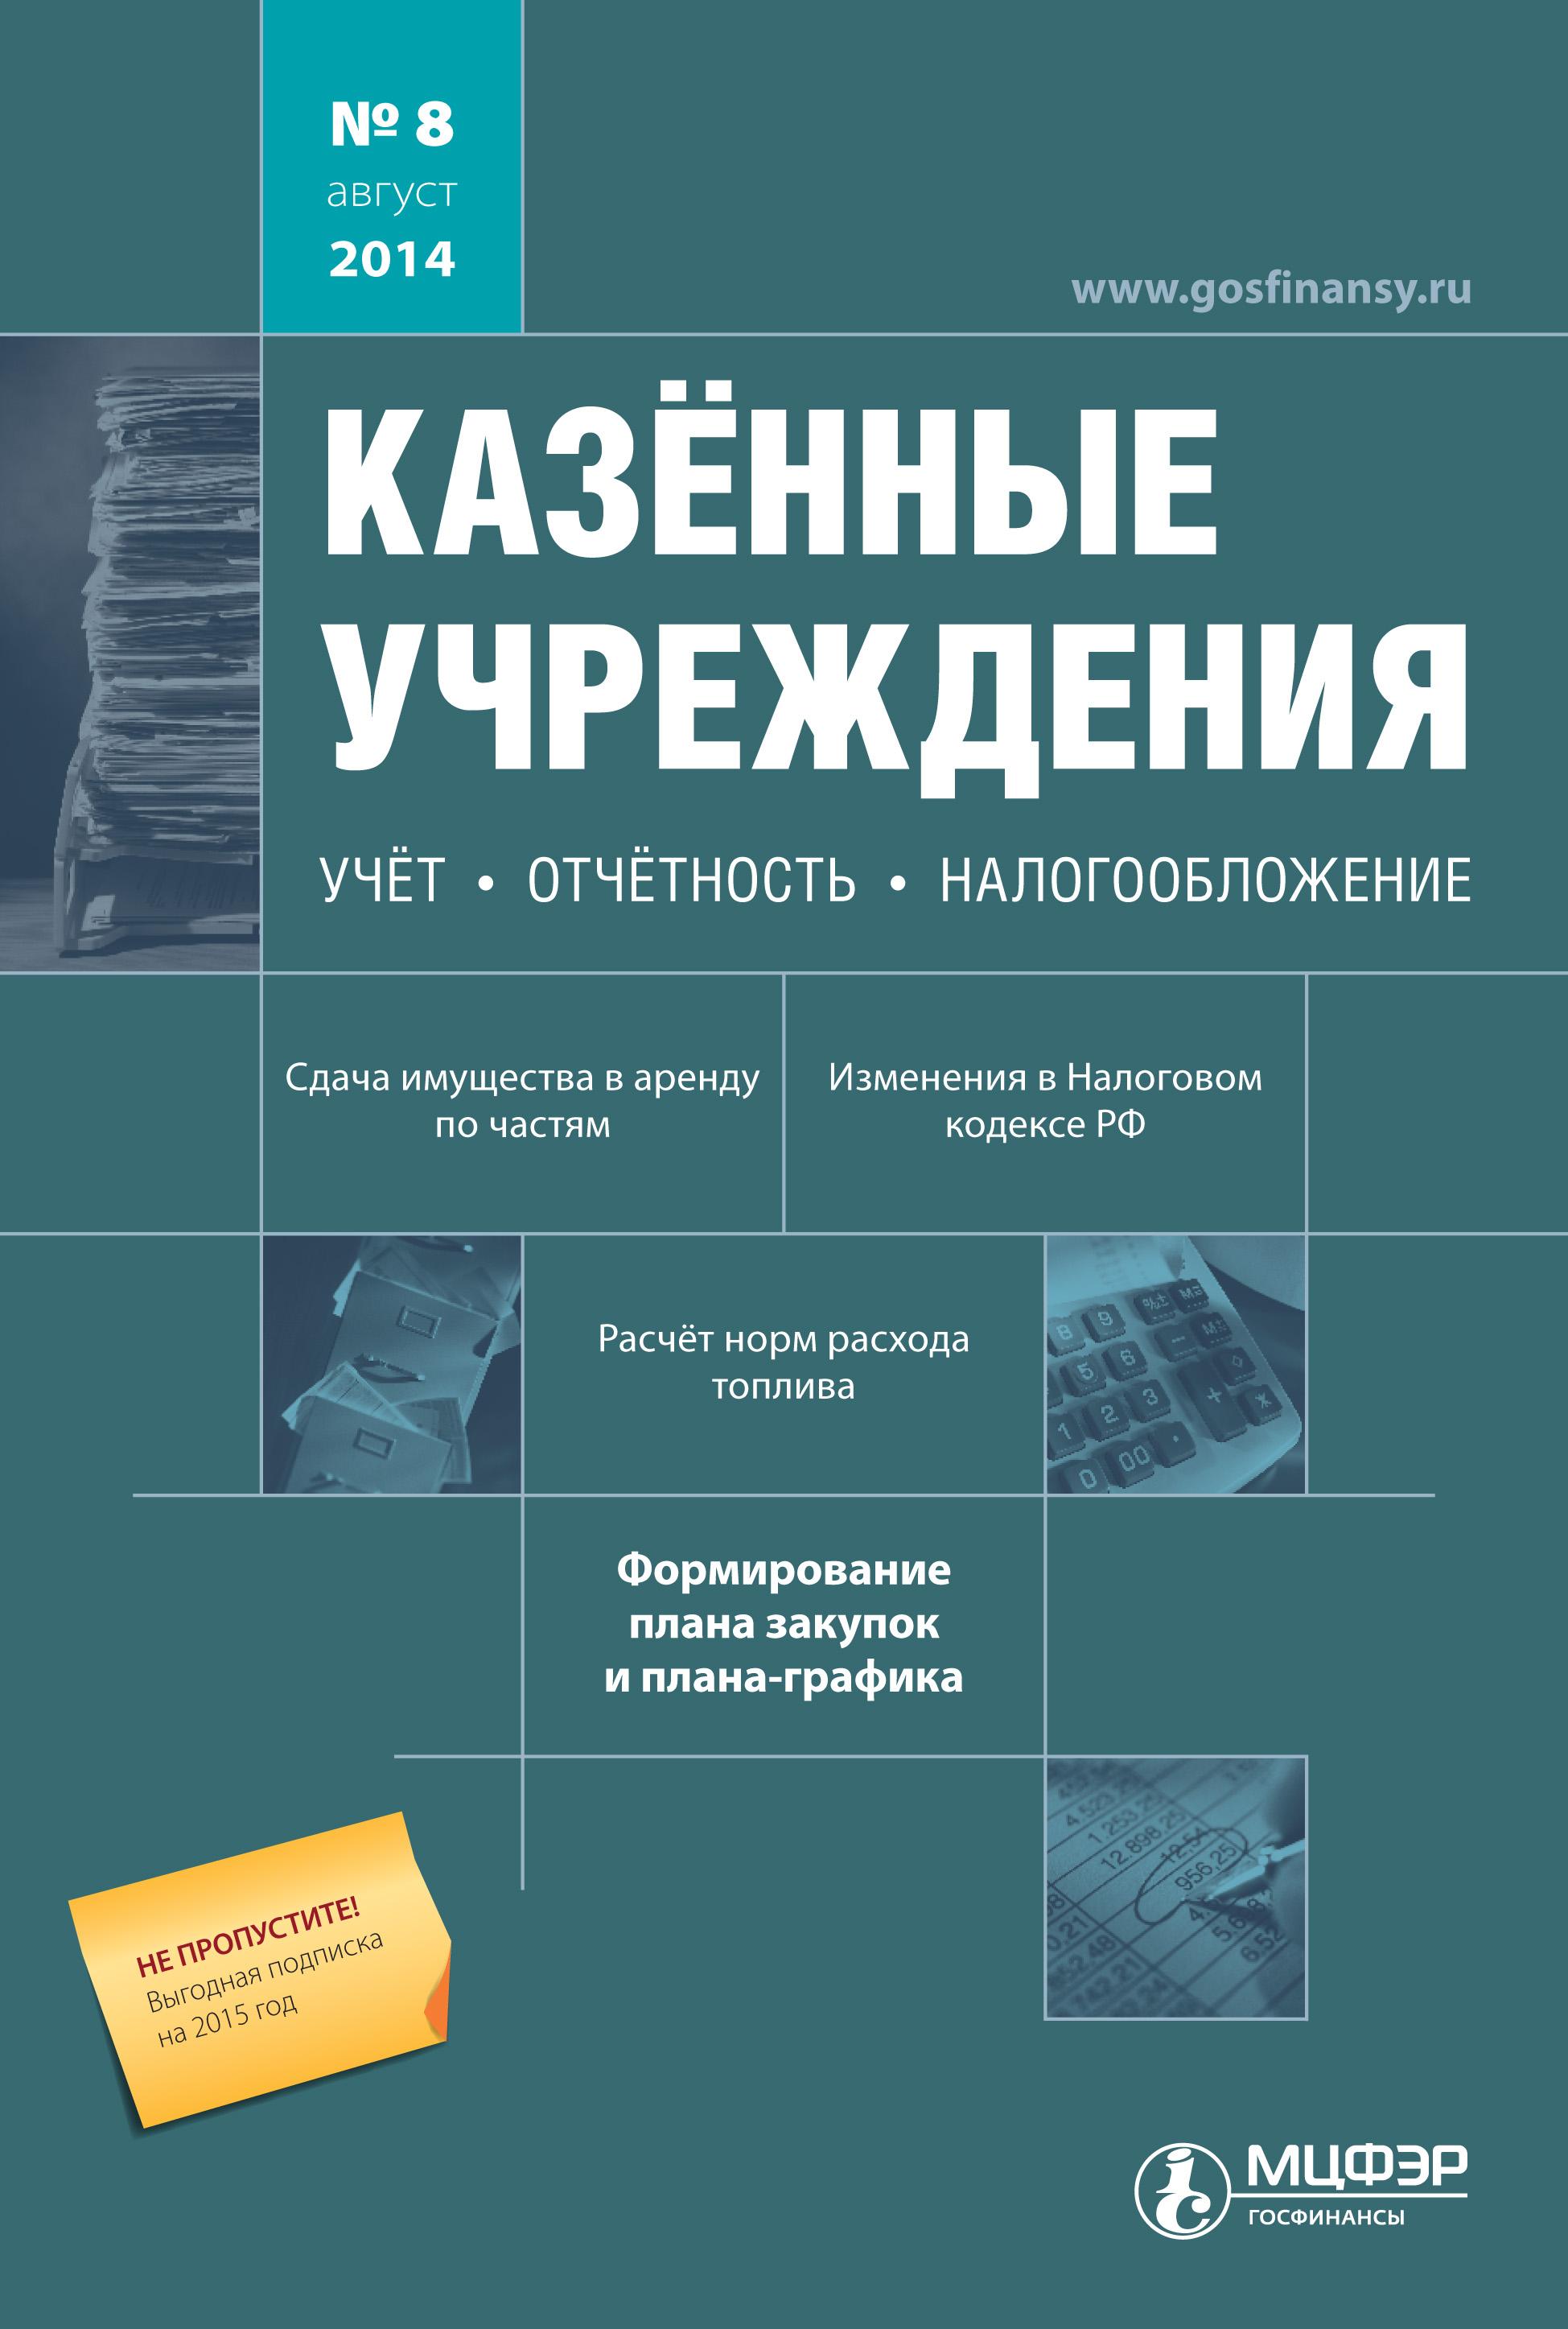 Казённые учреждения: учёт, отчётность, налогообложение. №08/2014